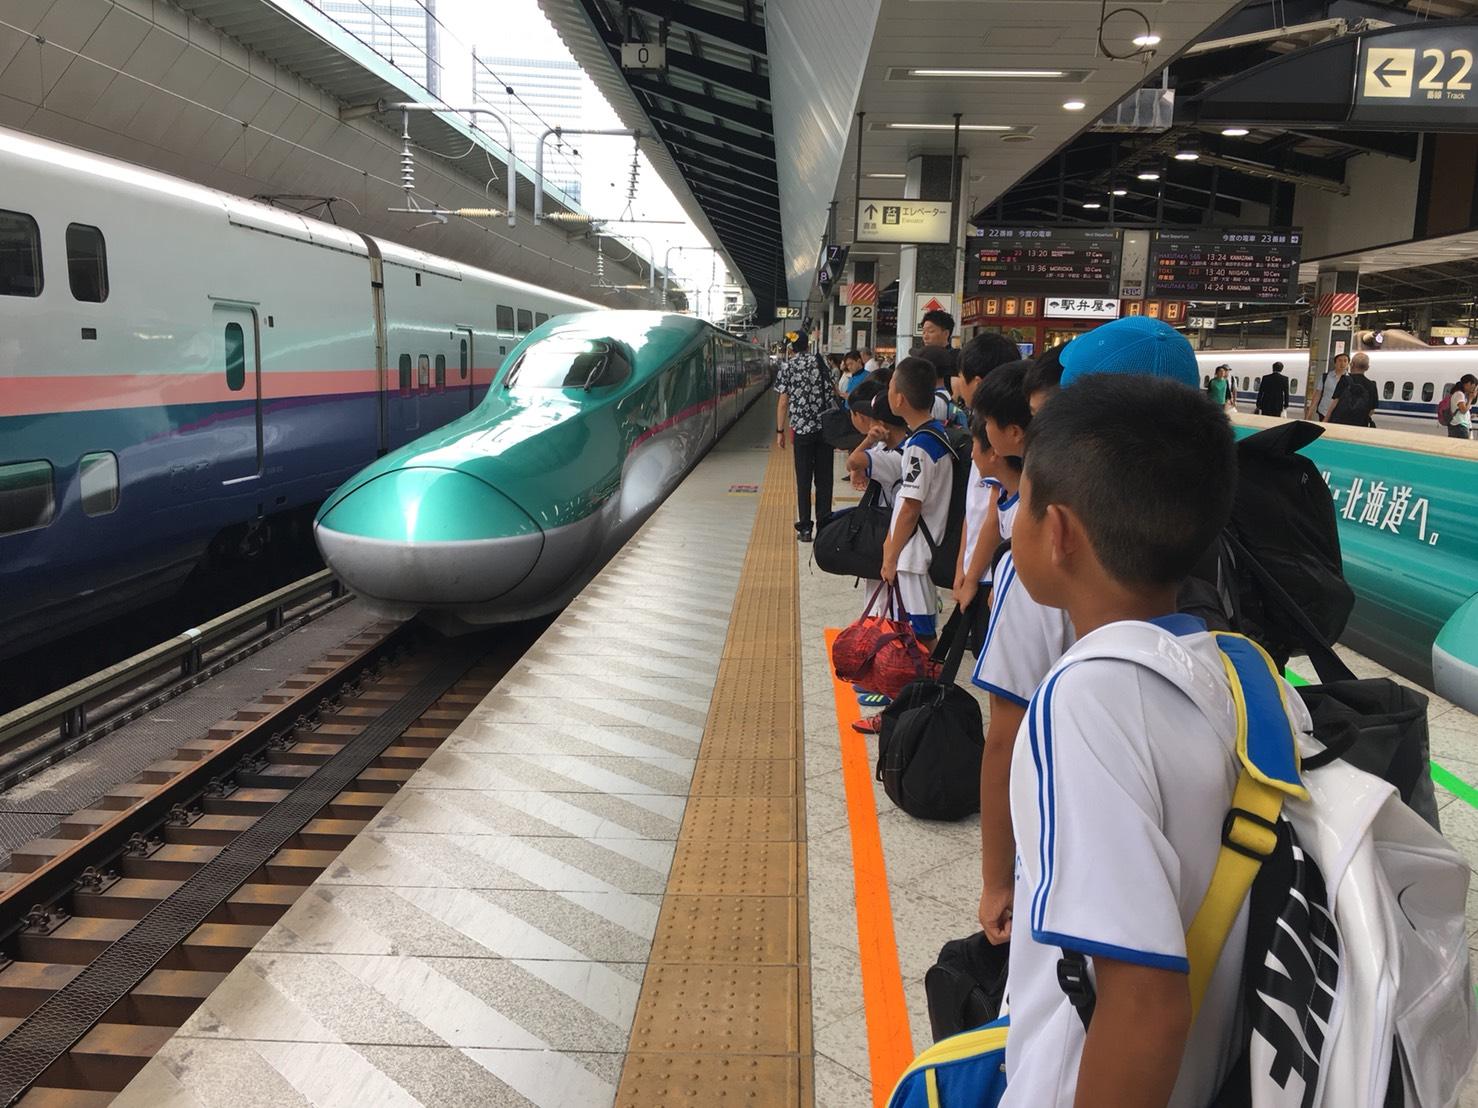 ホームで新幹線を待つ選手たち